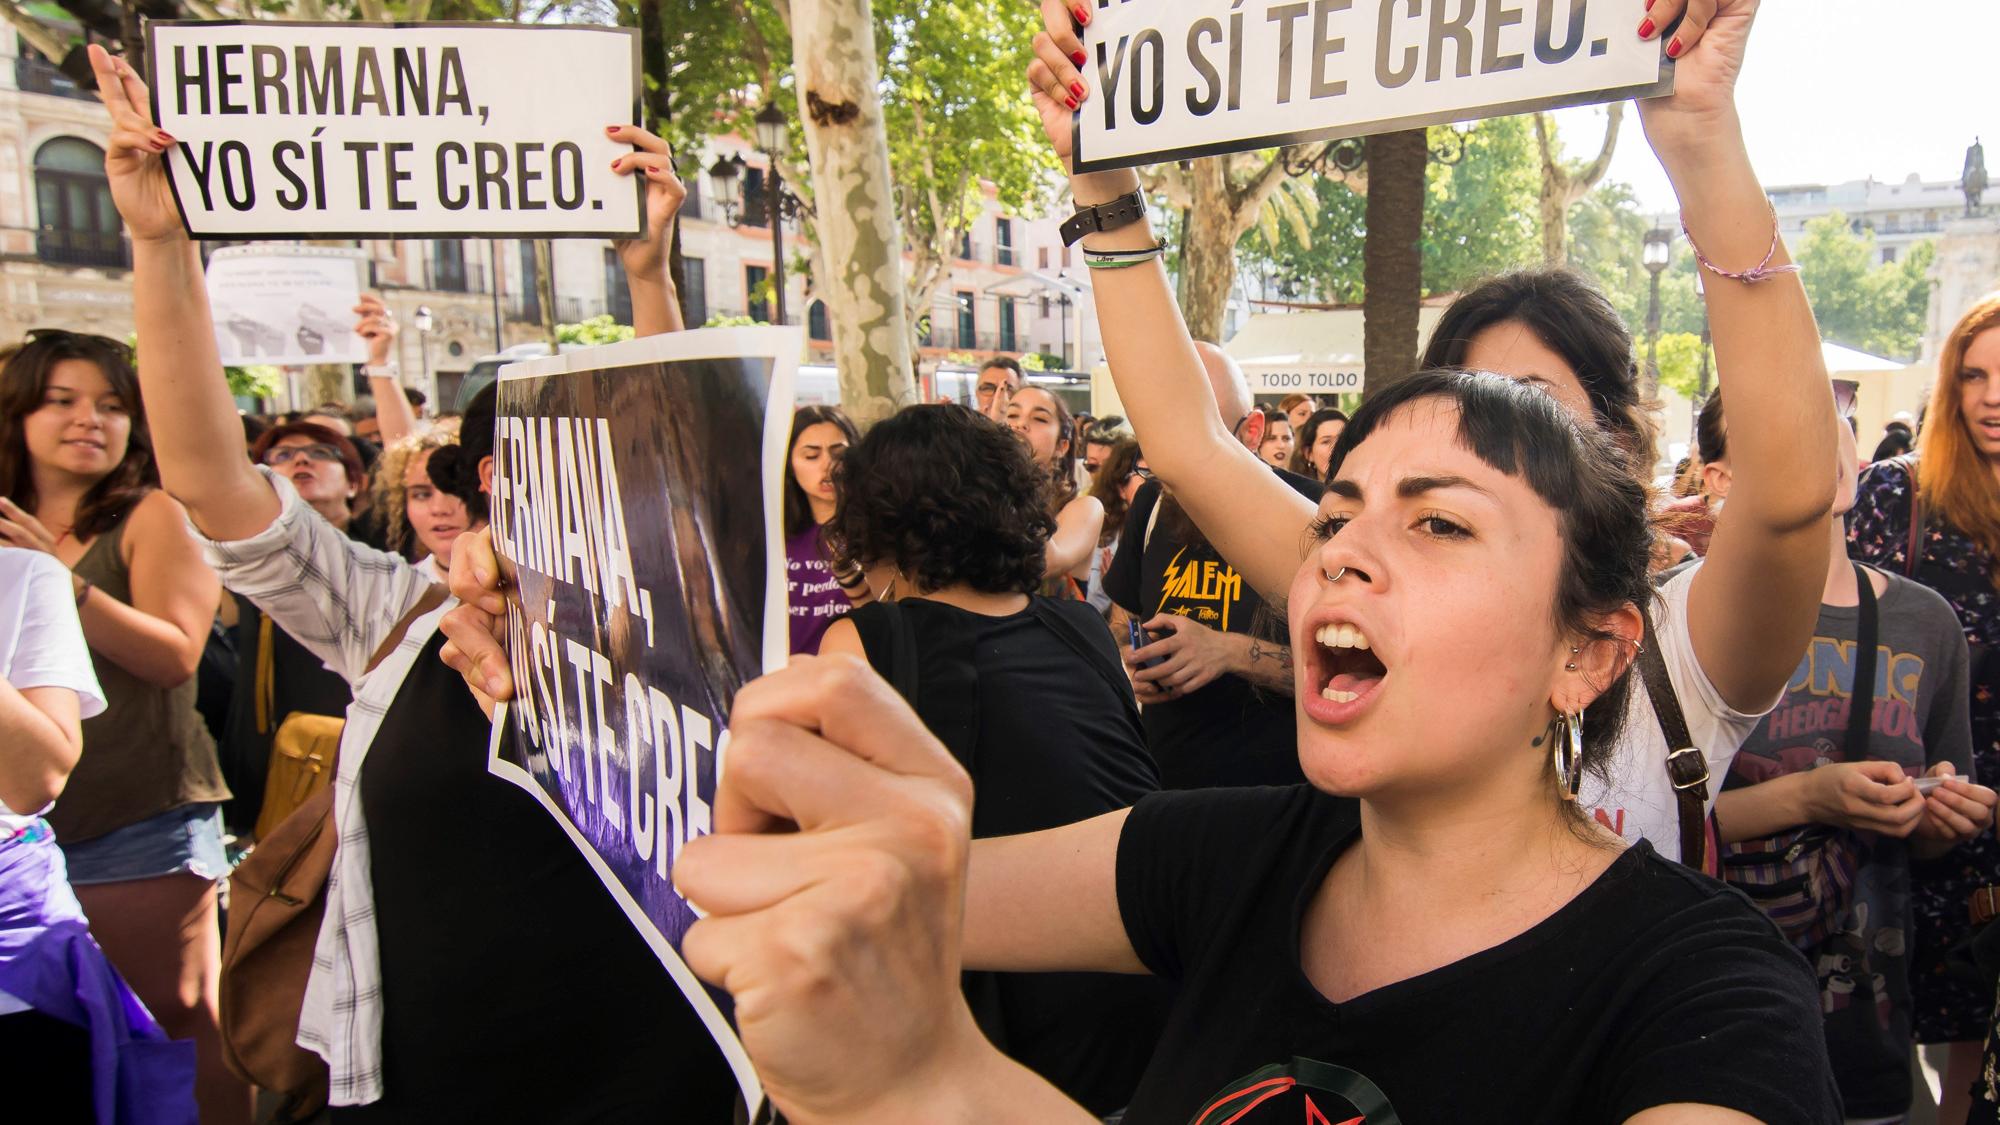 La indignación por la sentencia del juicio de 'La Manada' recorre las calles del país